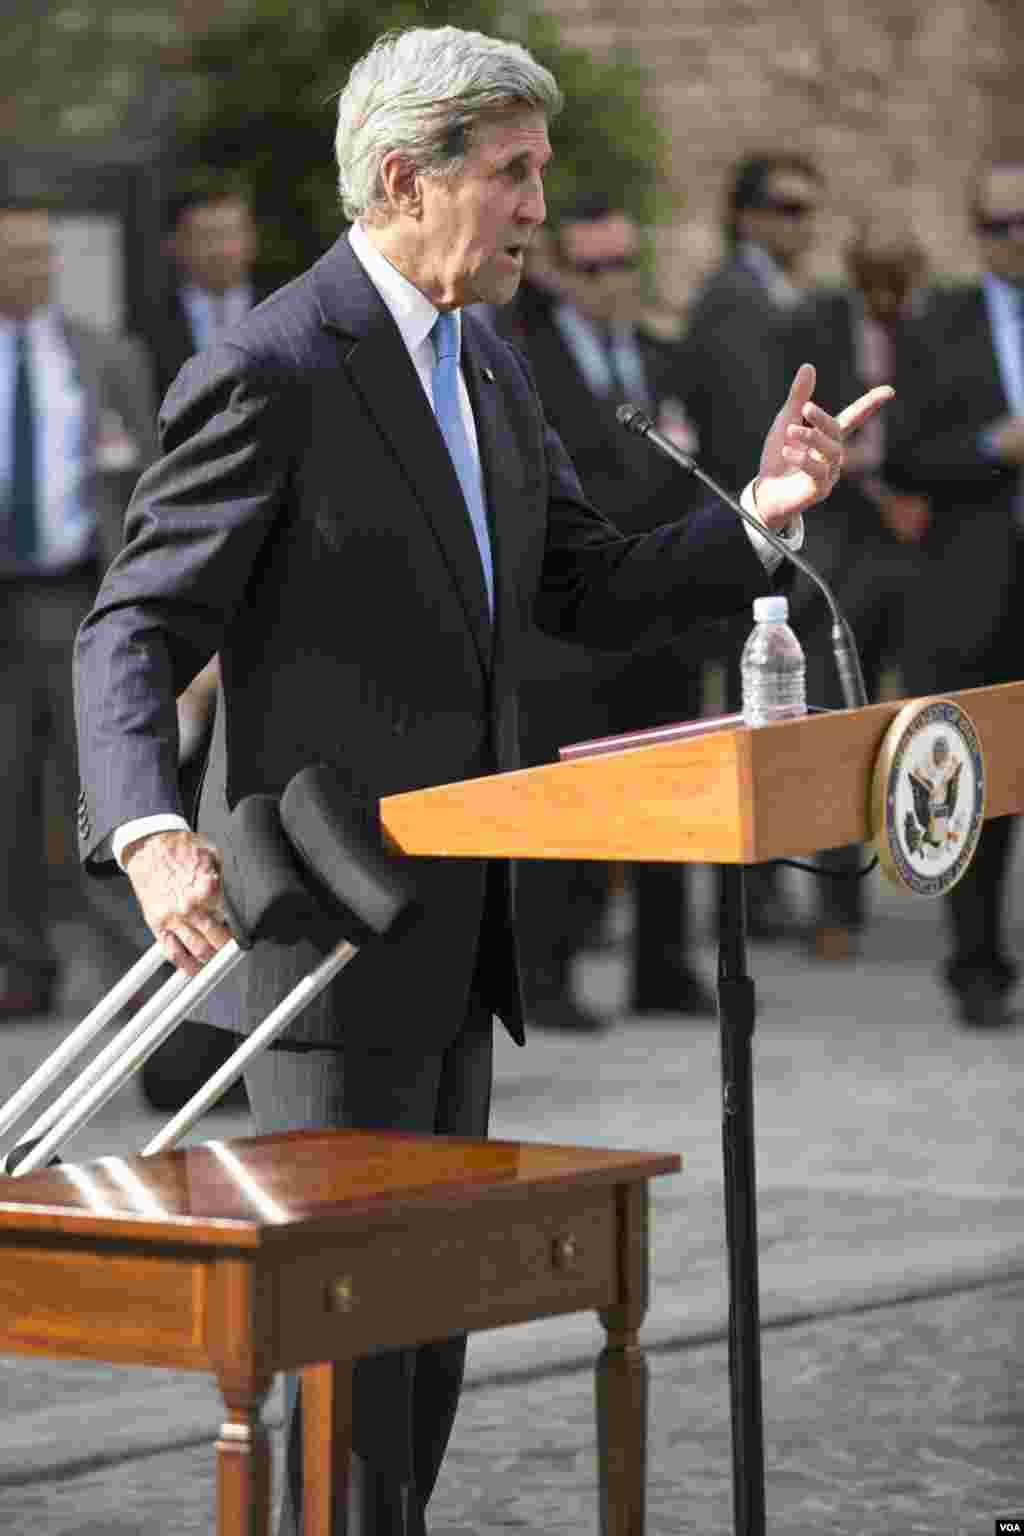 نشست خبری جان کری وزیر خارجه آمریکا در وین به مناسبت عادی سازی روابط با کوبا و بازگشایی سفارتخانه های دو کشور